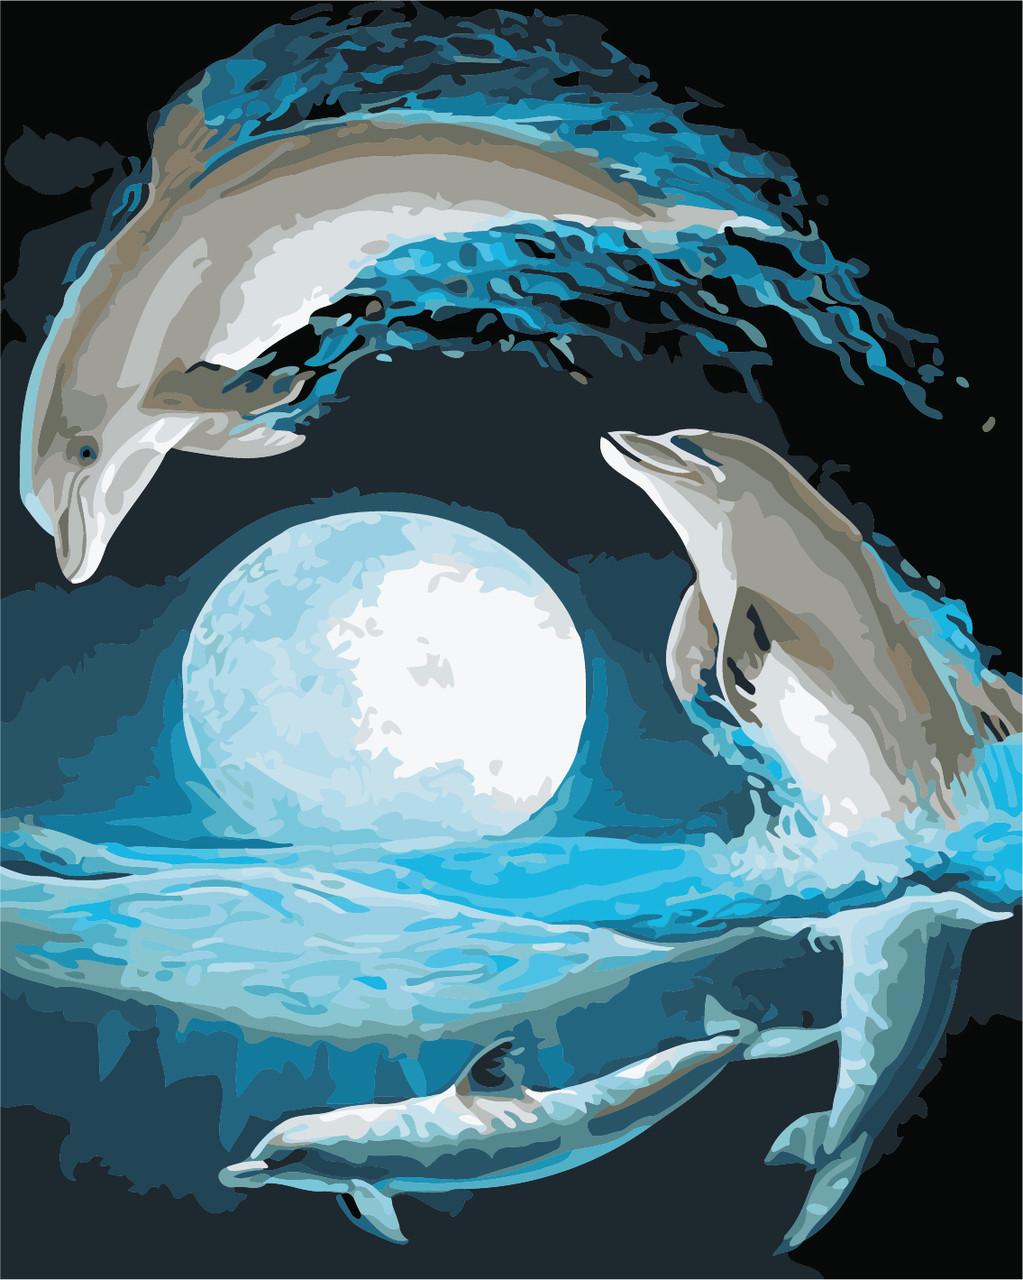 Художественный творческий набор, картина по номерам Мир для нас, 40x50 см, «Art Story» (AS0394)